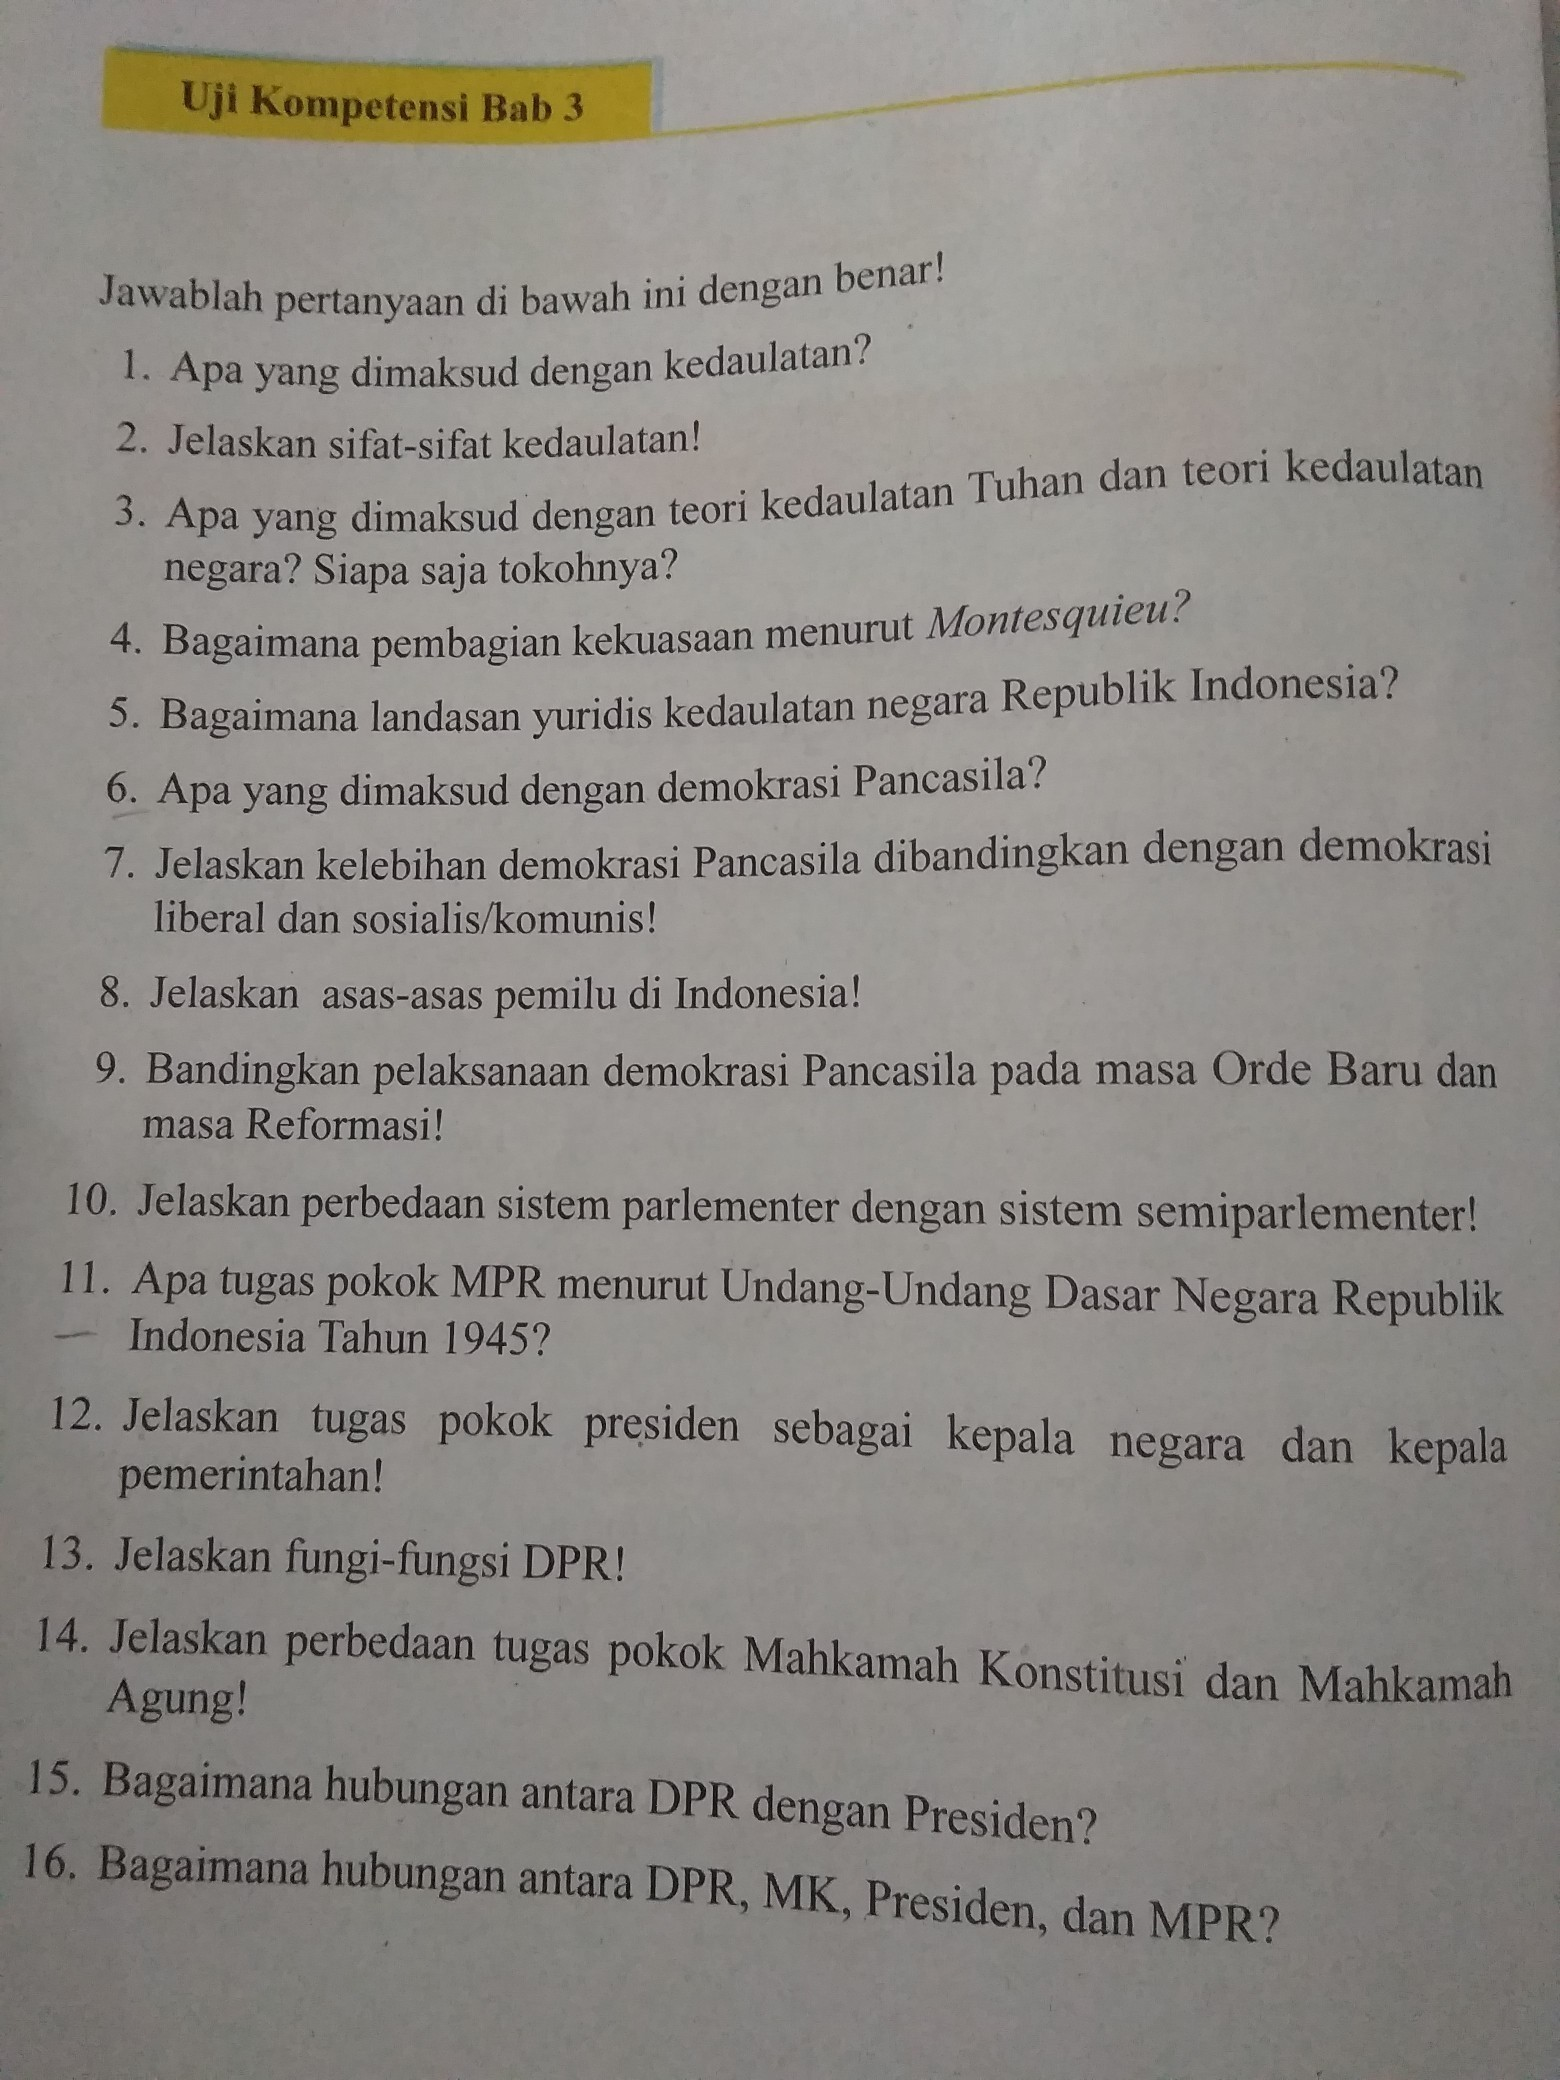 Bagaimana Hubungan Antara Dpr Mk Presiden Dan Mpr : bagaimana, hubungan, antara, presiden, Tolong, Banget, Soalnya, Besok, Dikumpulkan, Brainly.co.id